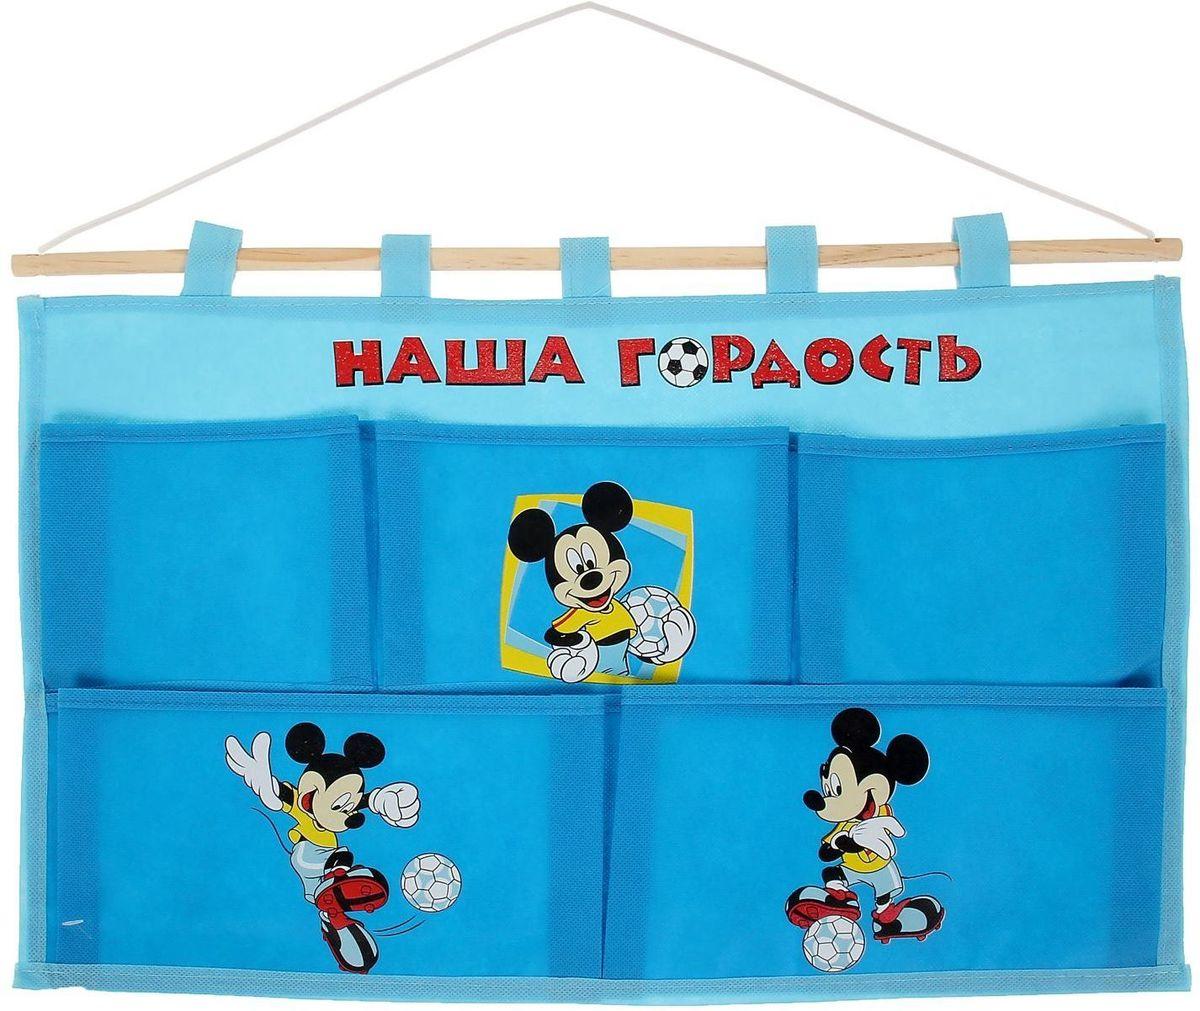 Disney Кармашки настенные Наша гордость Микки Маус 5 отделенийBQ1002ЗЛПРПорядок с любимыми героями Disney. Украсьте комнату ребёнка стильным и полезным аксессуаром. Настенные кармашки организуют вещи малышки и помогут содержать комнату в чистоте и порядке. Положите туда игрушки или одежду, и детская преобразится! Кармашки даже можно использовать в ванной комнате.Набор из нетканого материала спанбонд крепится на деревянную палочку, а вся конструкция подвешивается за верёвку. Яркие рисунки с любимыми персонажами нанесены по термотрансферной технологии.Изделие упаковано в прозрачный пакет, к которому прилагается небольшой шильд с героем Disney, где можно написать тёплые слова и пожелания для адресата.Соберите коллекцию аксессуаров с любимыми героями!